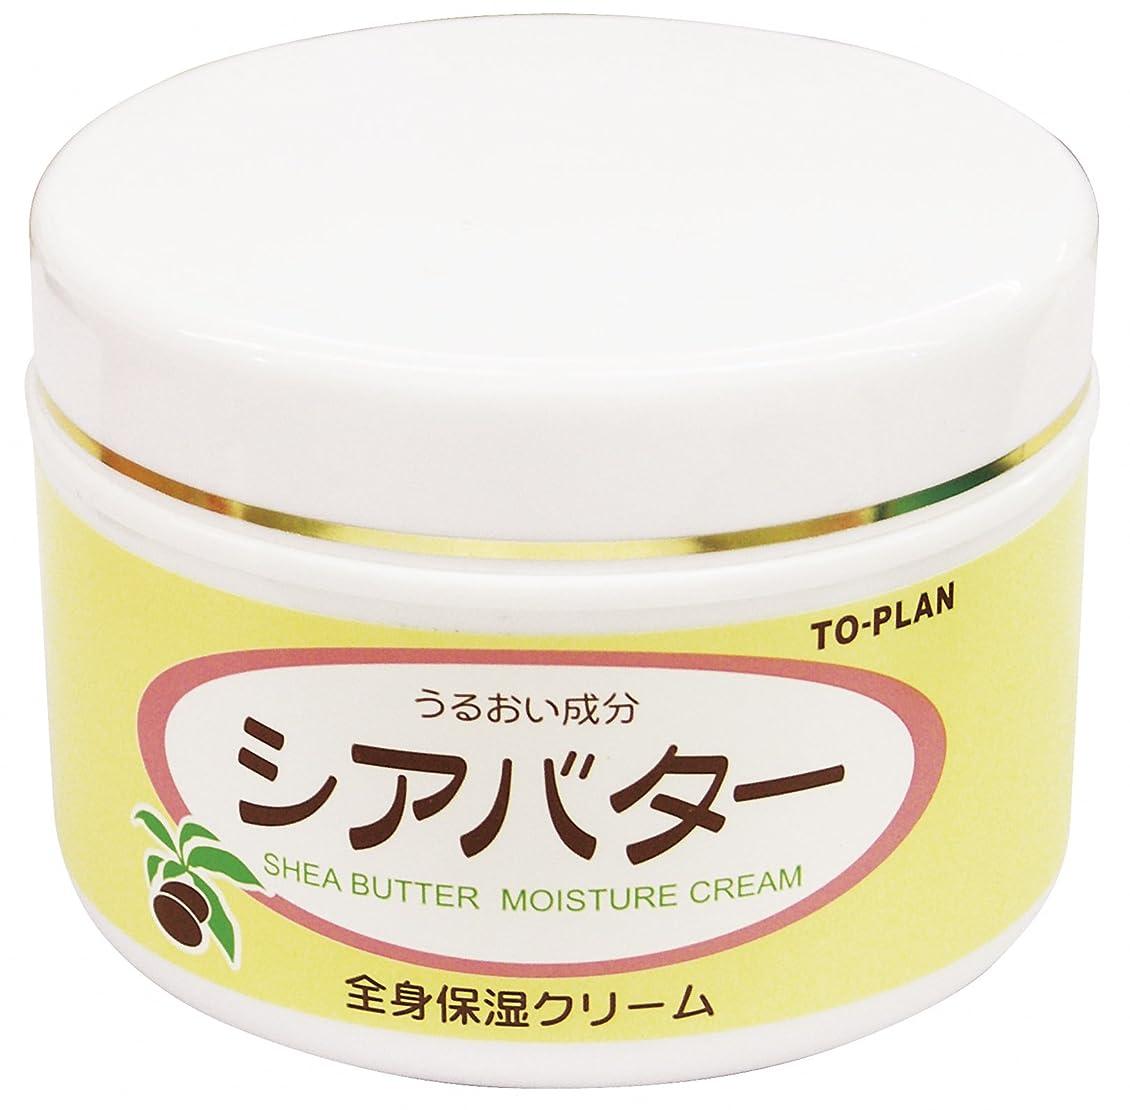 故意のかび臭い冷笑するTO-PLAN(トプラン) シアバター全身保湿クリーム 170g